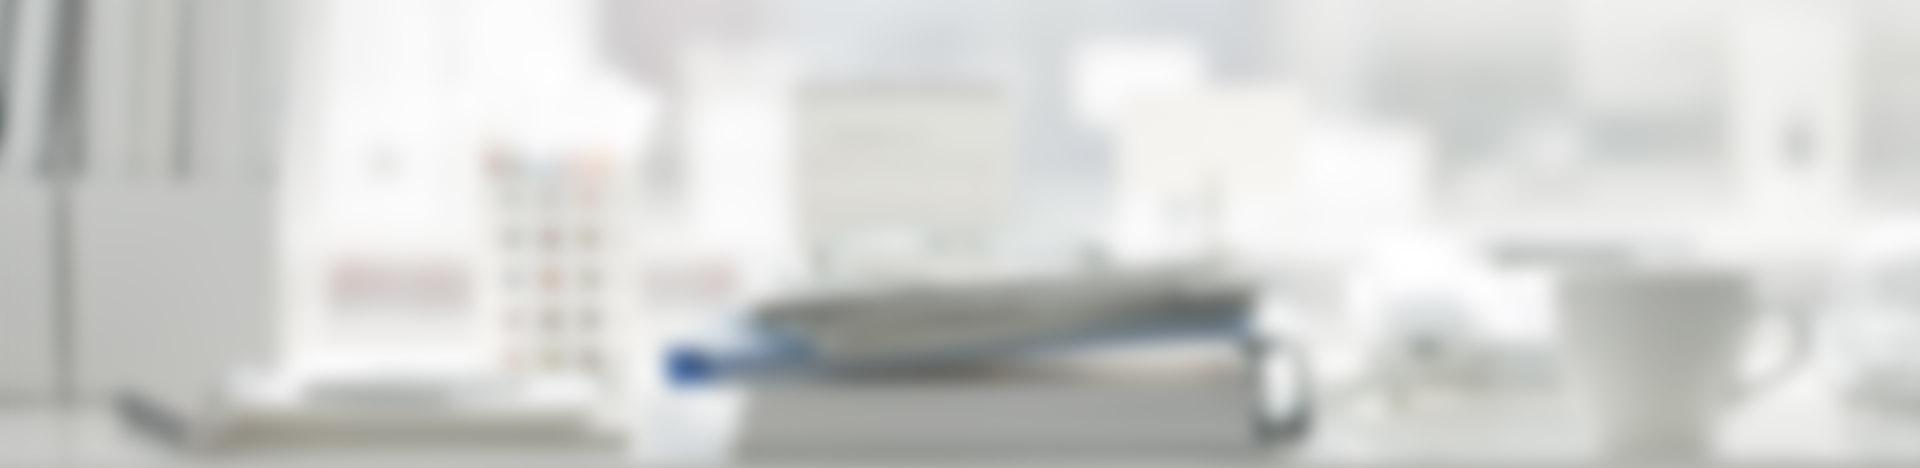 achtergrond-2